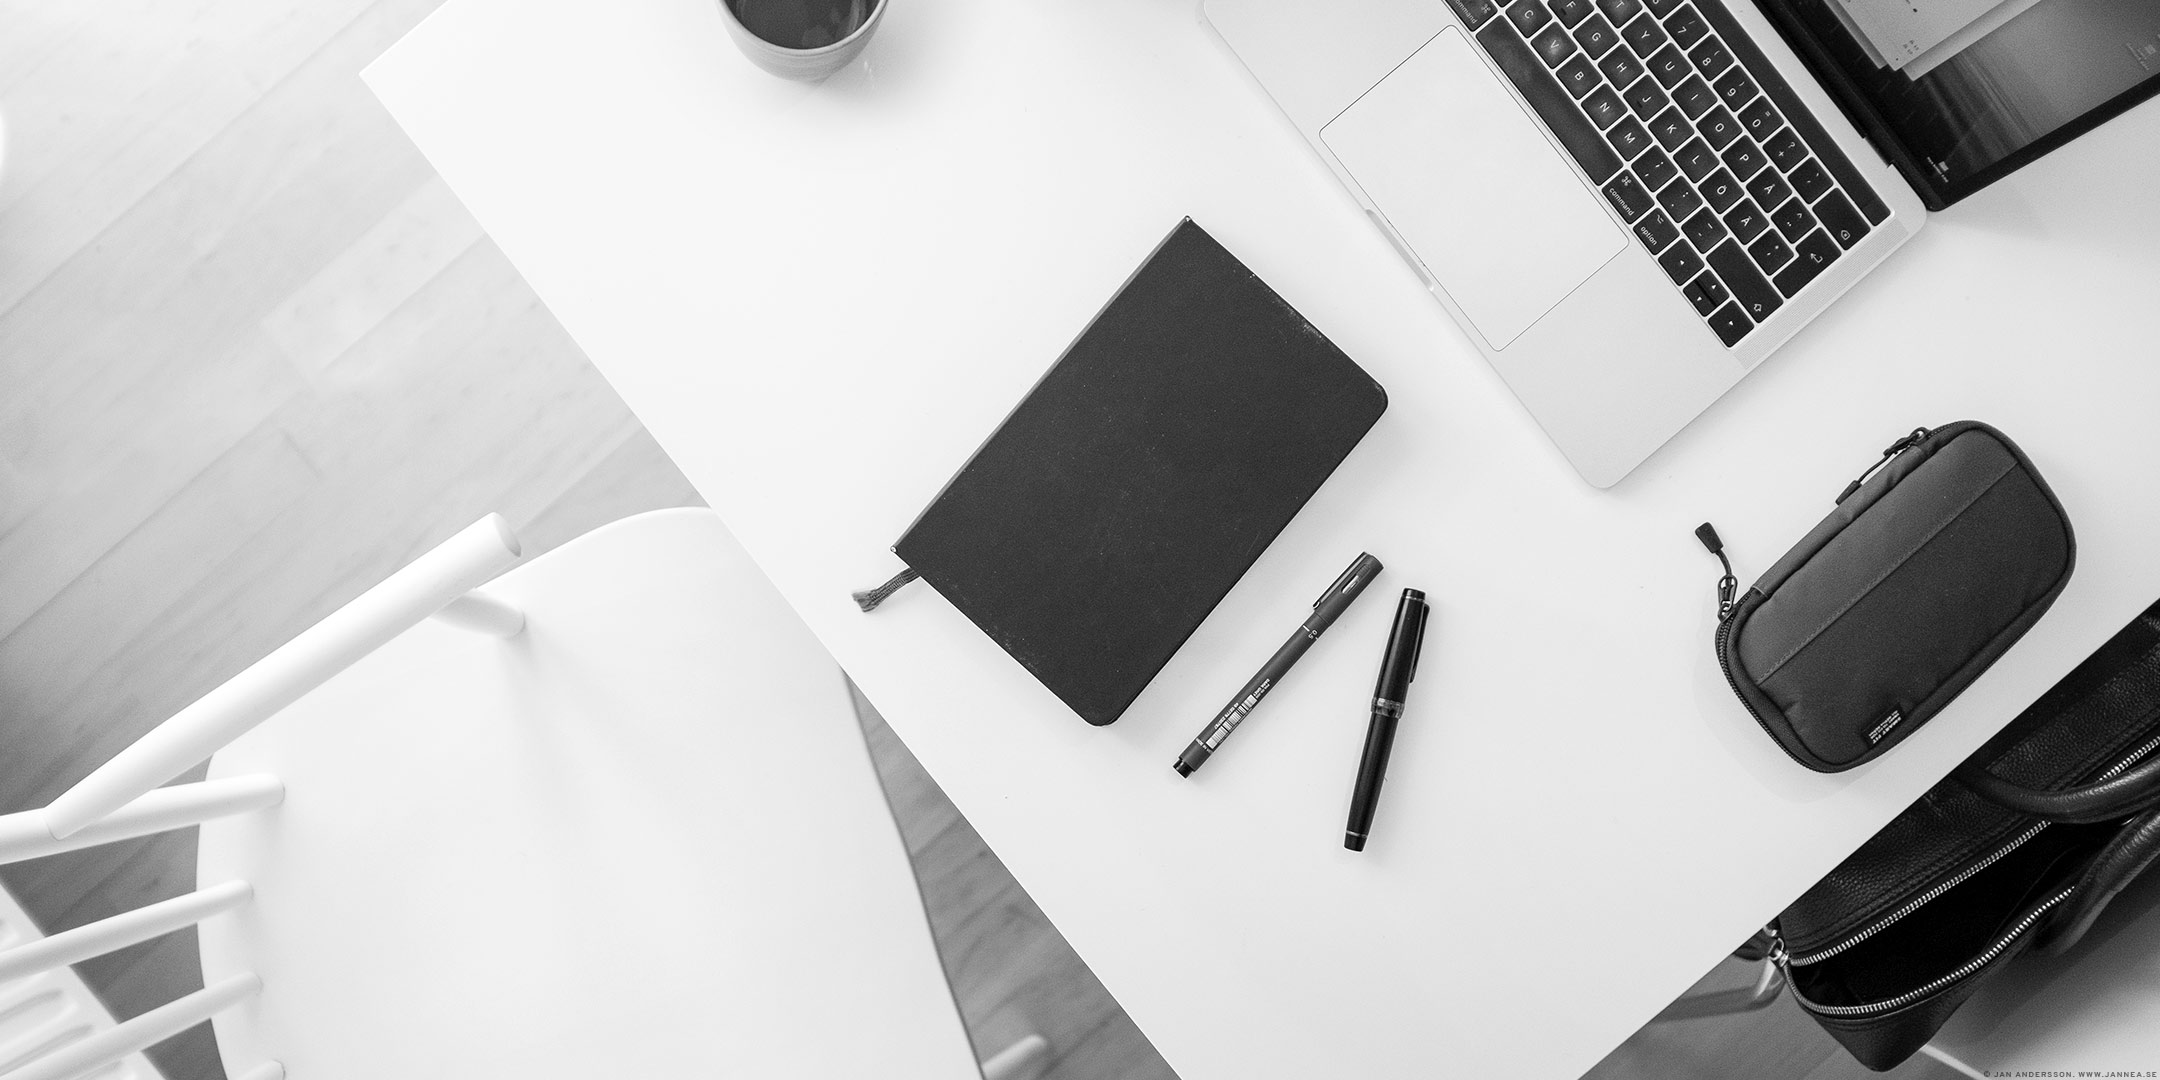 Det där att sitta hemma och jobba har både för- och nackdelar